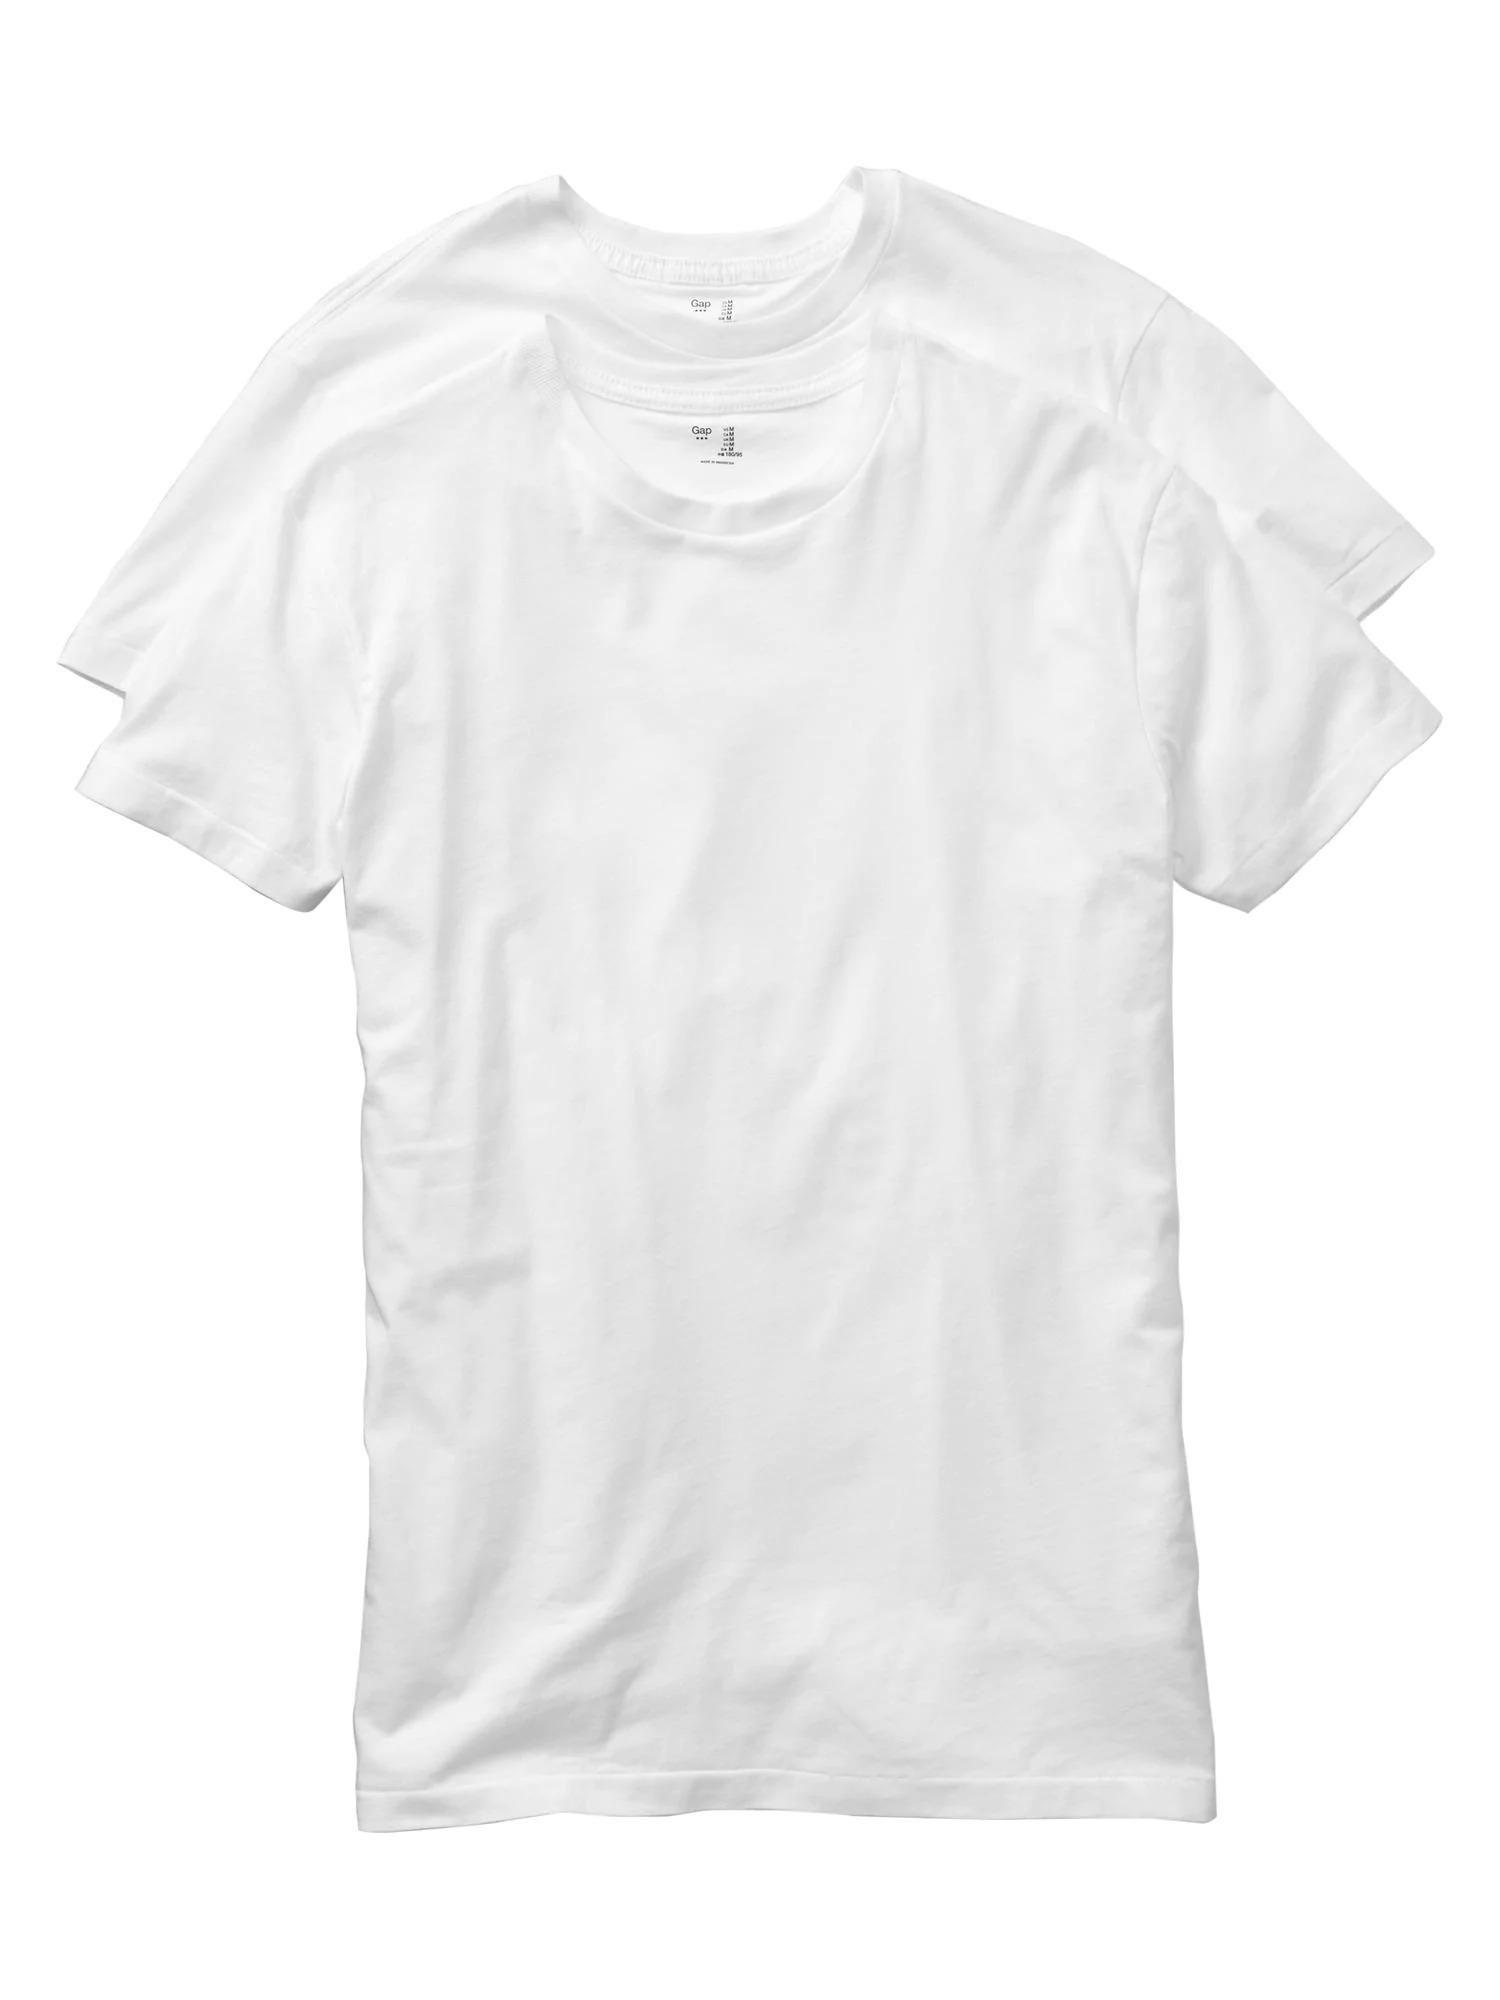 GAP beyaz 2'li sıfır yaka t-shirt